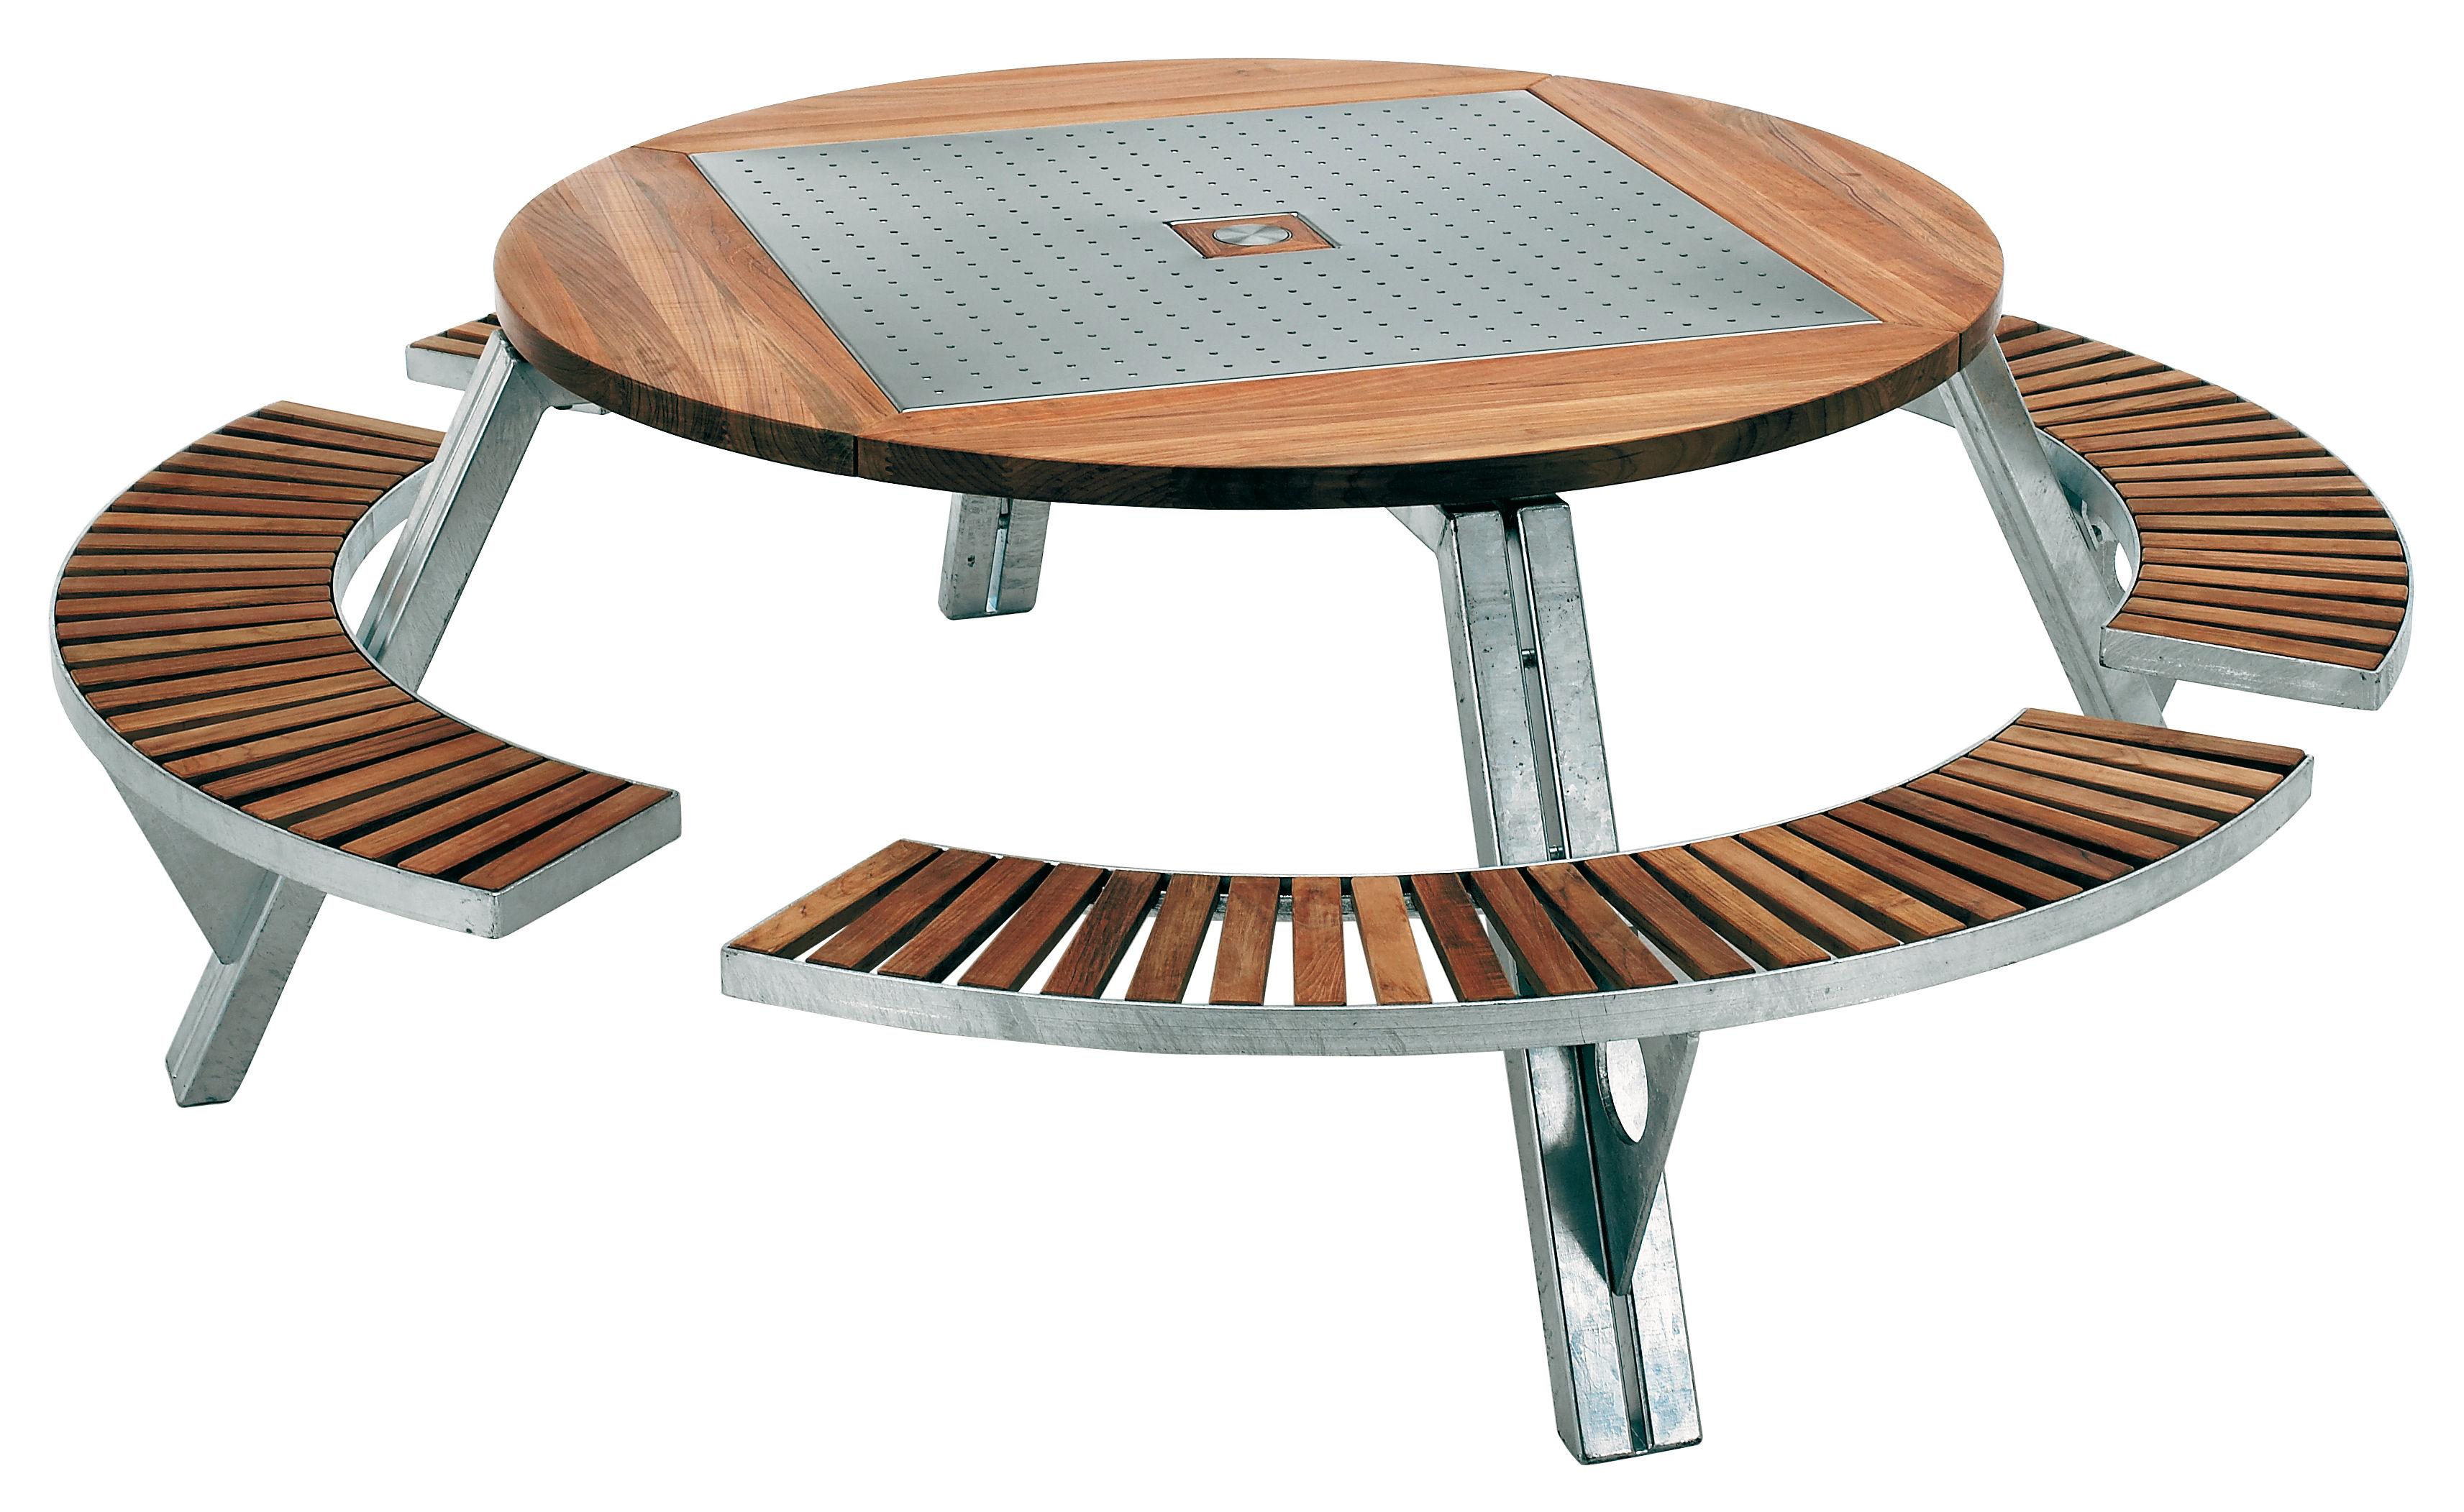 Gargantua Garden Table Adjustable Table And Bench Set